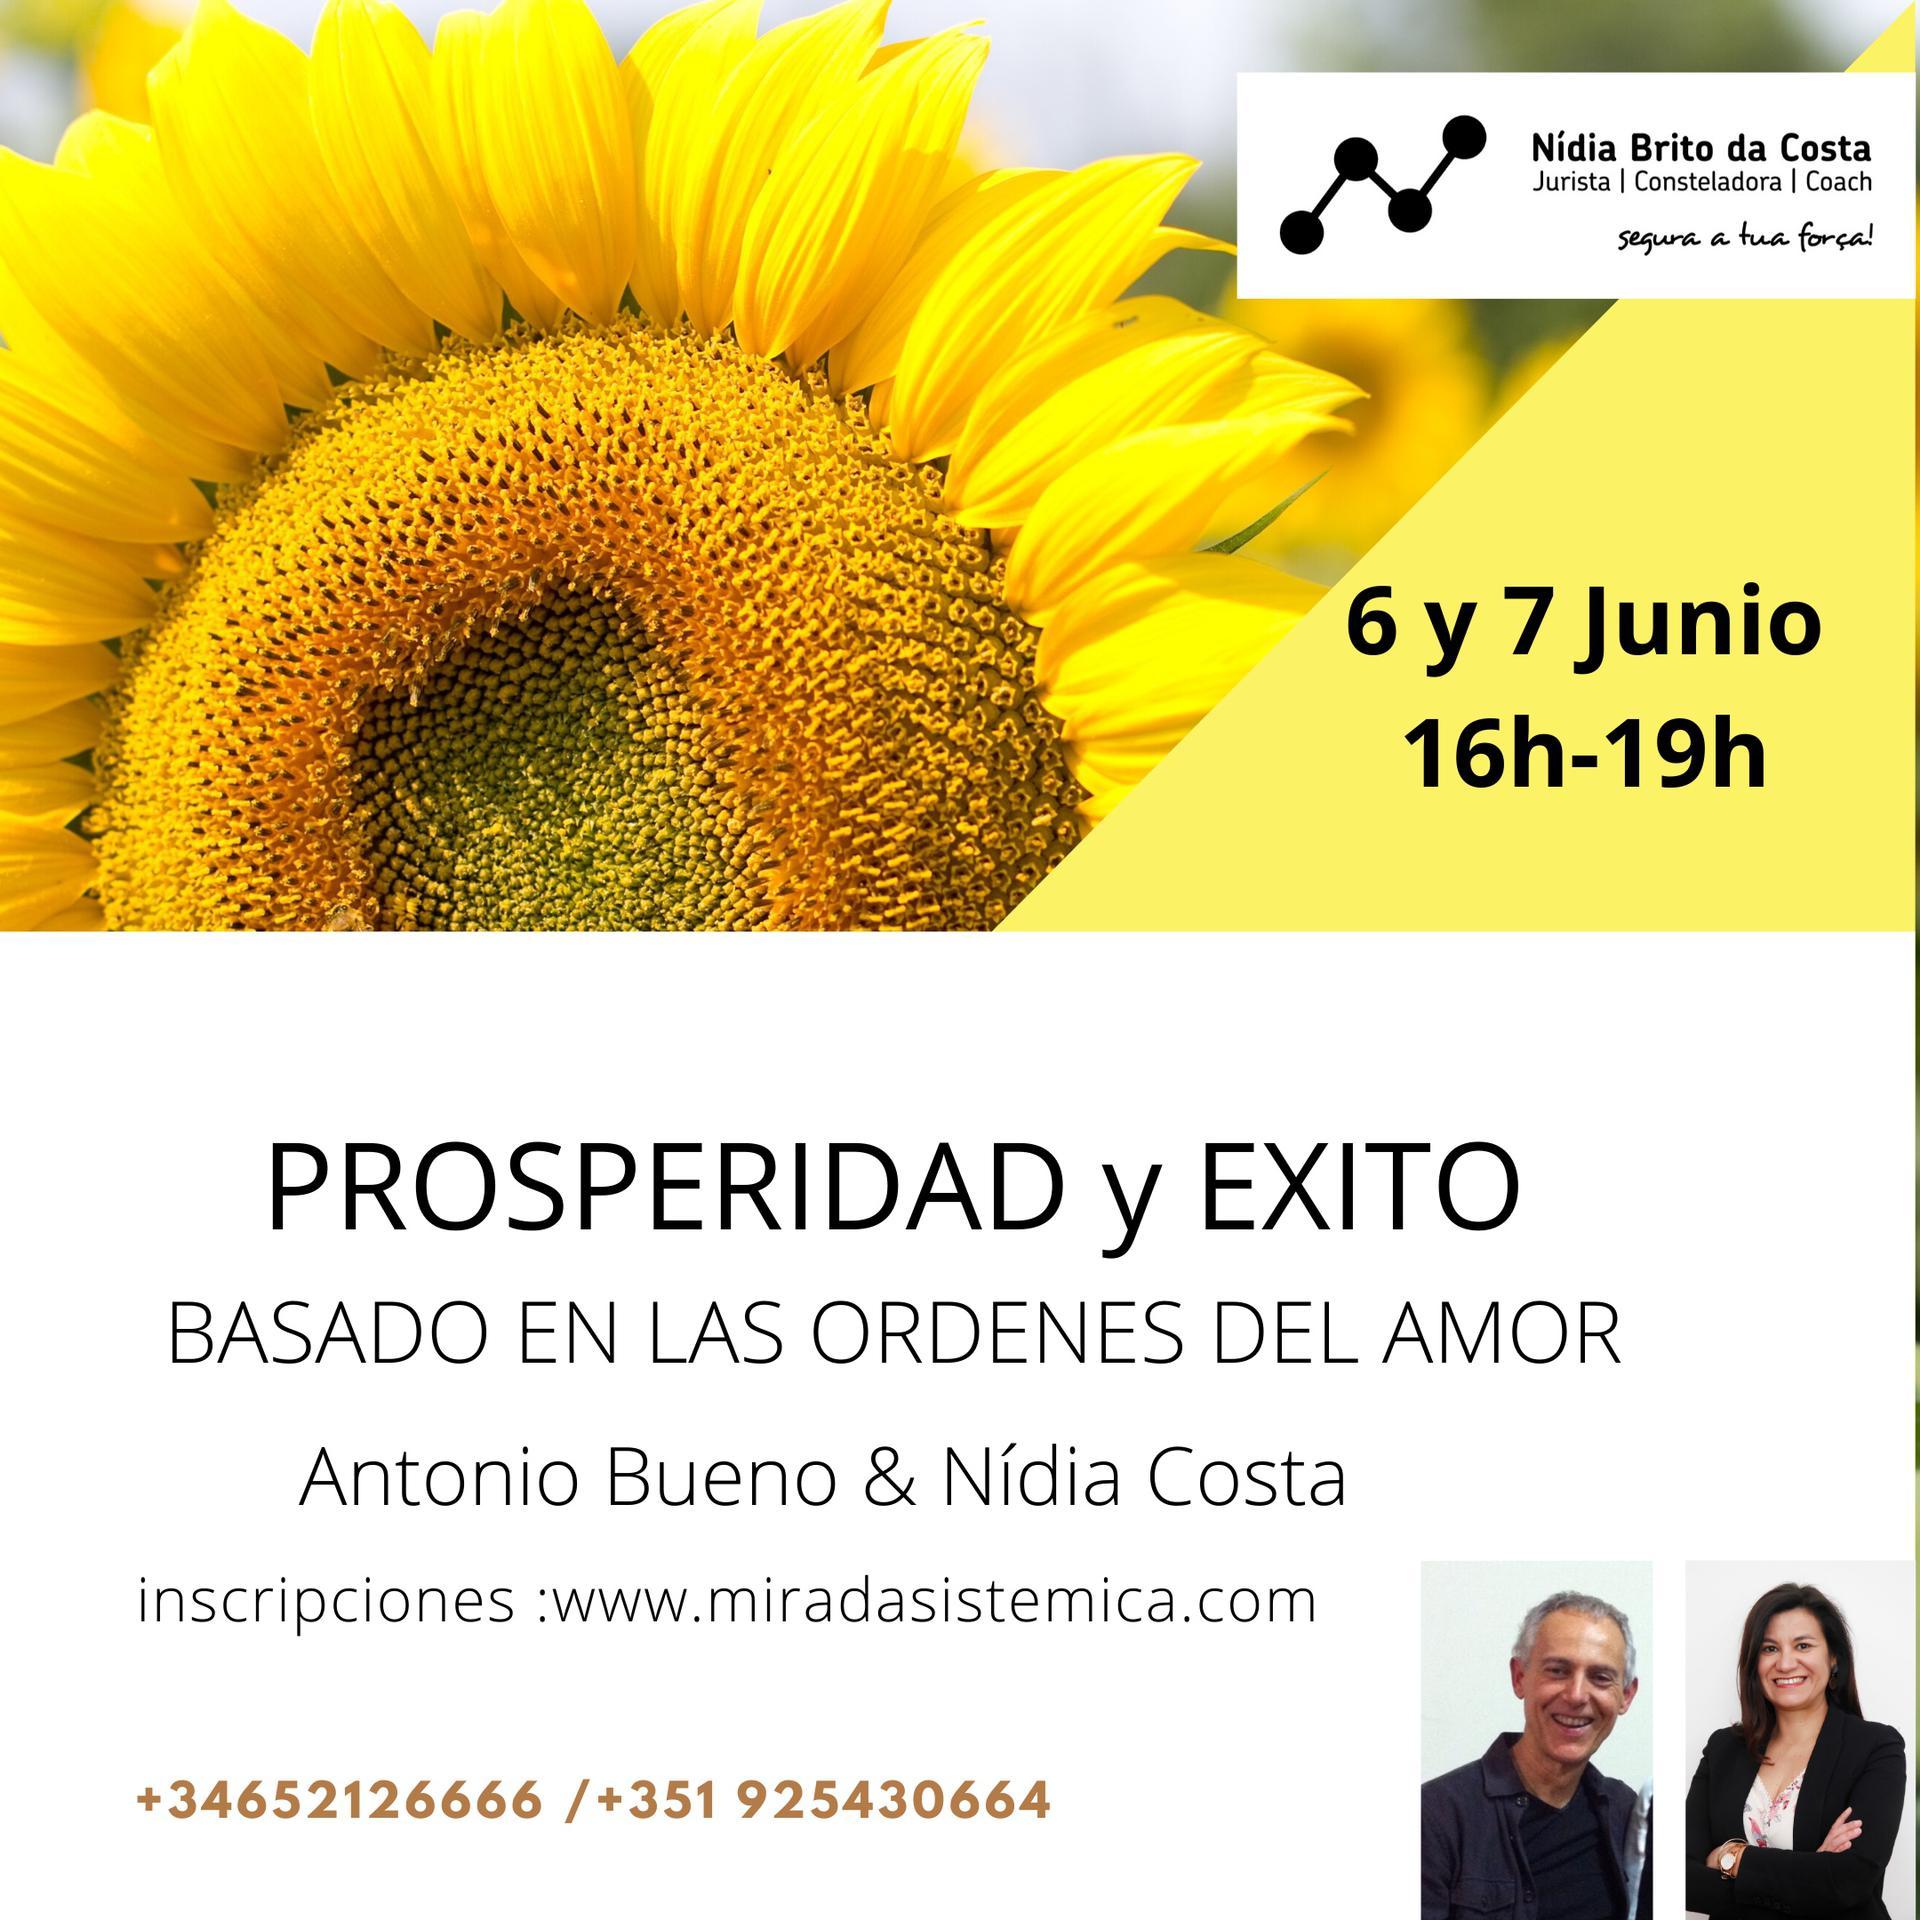 Prosperidad y exito 6 y 7 de junio - Mirada Sistémica